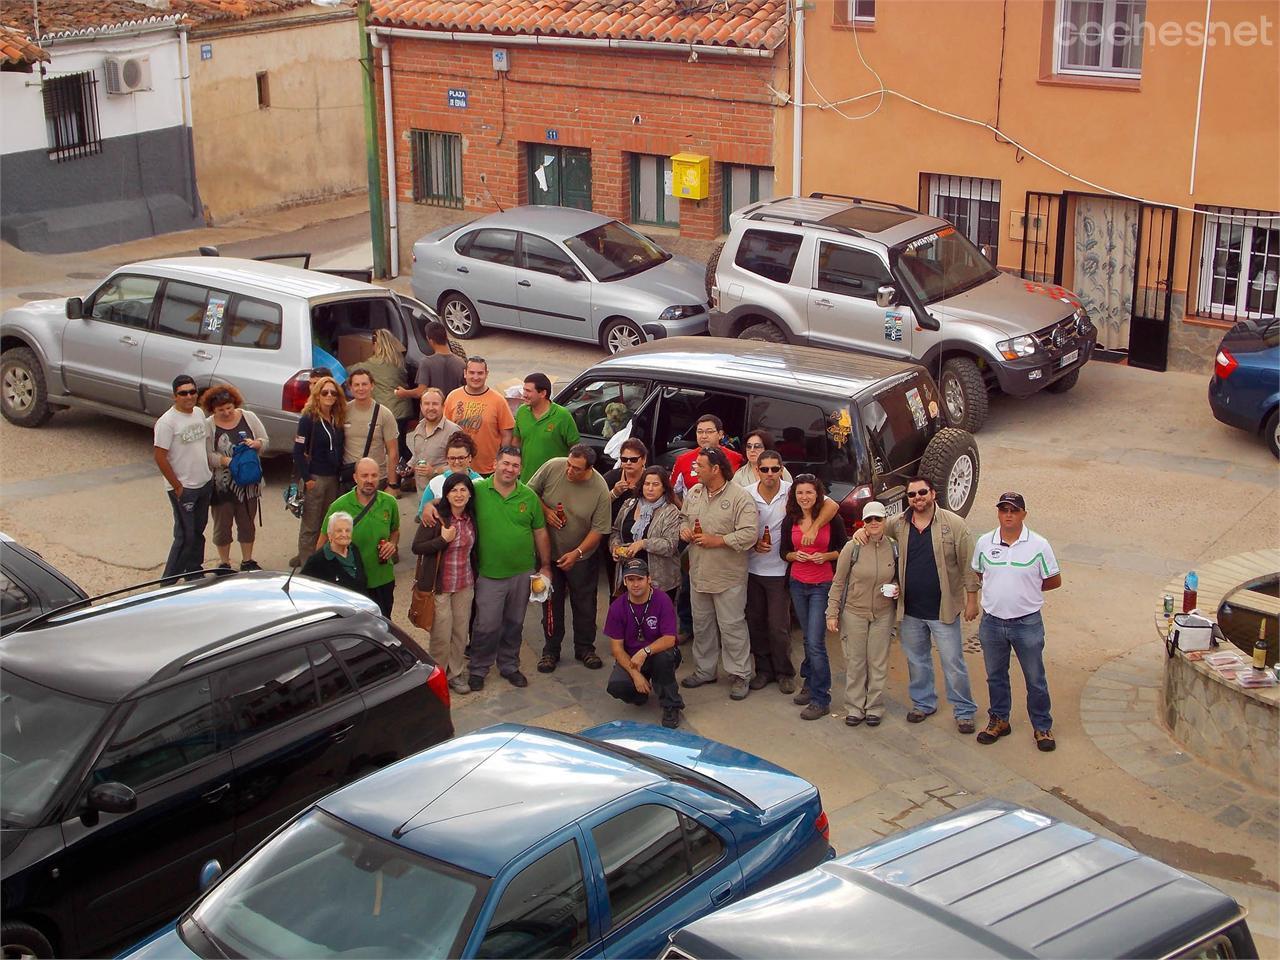 1ª Ruta Transiberiana 2012: La primera, todo un éxito - foto 4